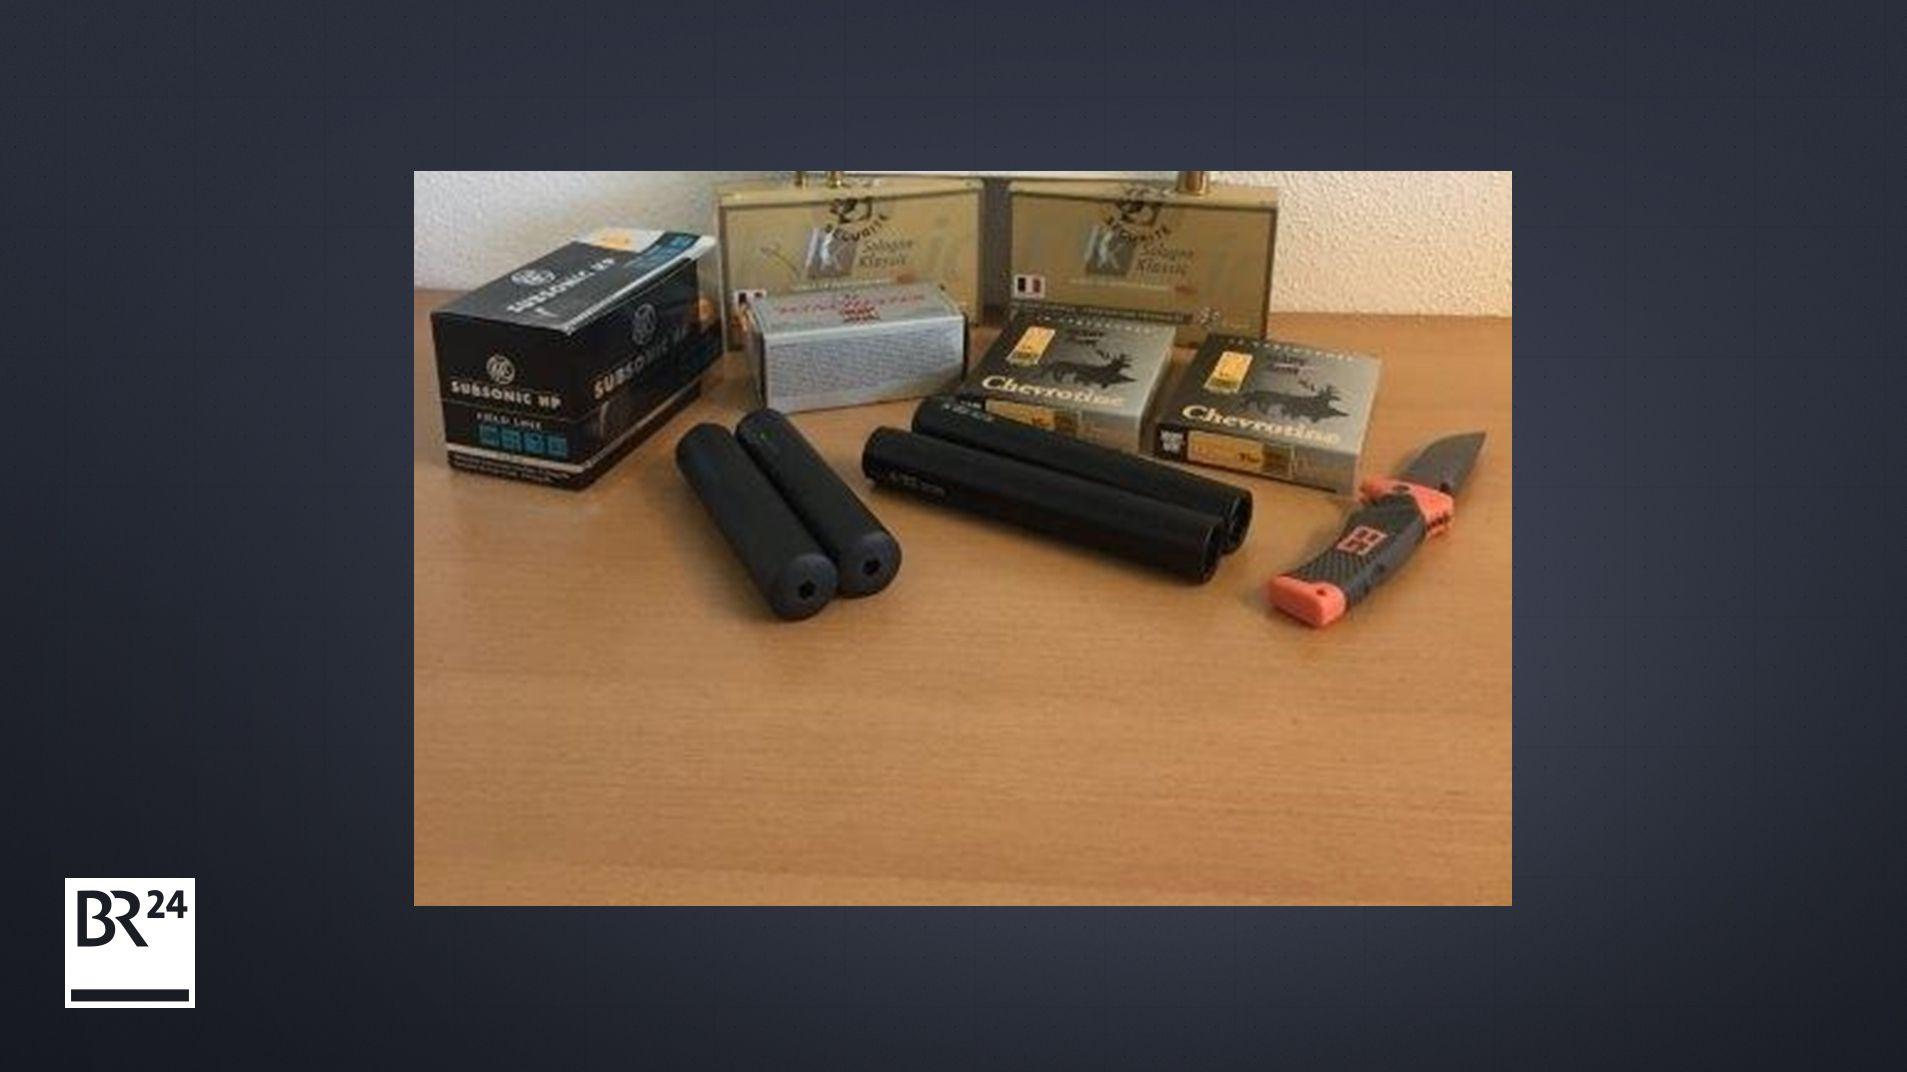 Die Zöllner beschlagnahmten 410 Schuss Munition, vier Schalldämpfer und ein Messer